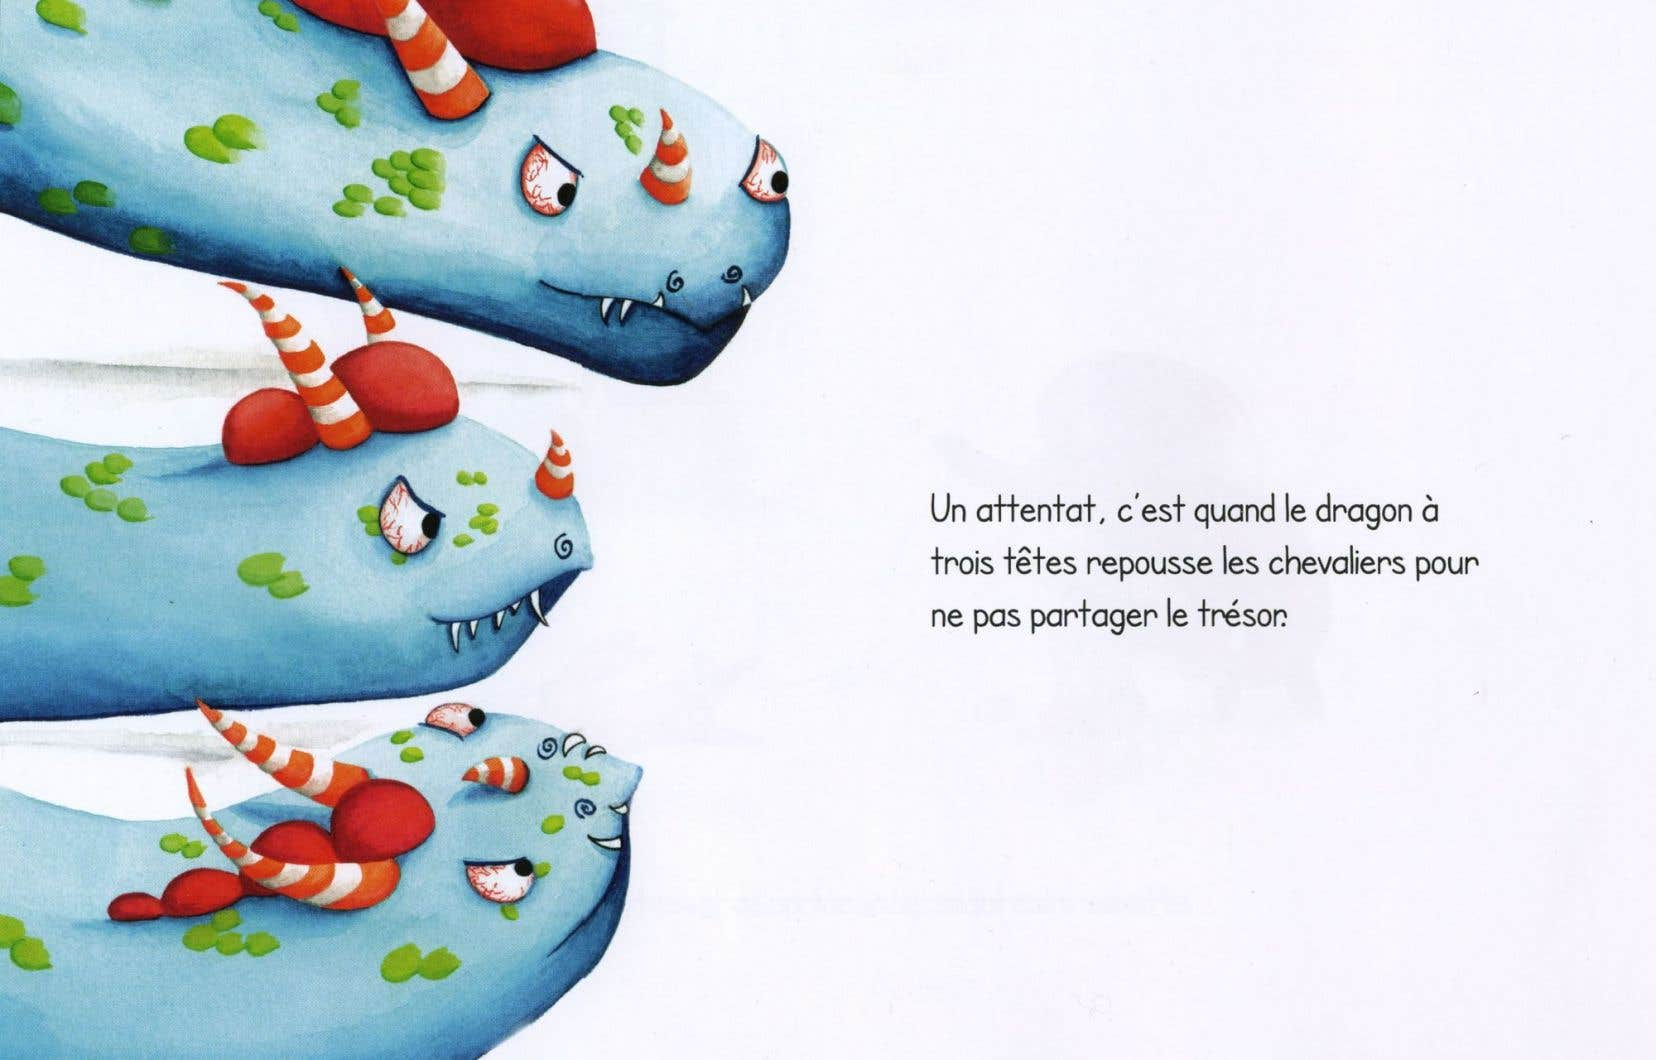 Une page du livre «Dis, c'est quoi un attentat?», d'Oulya Setti